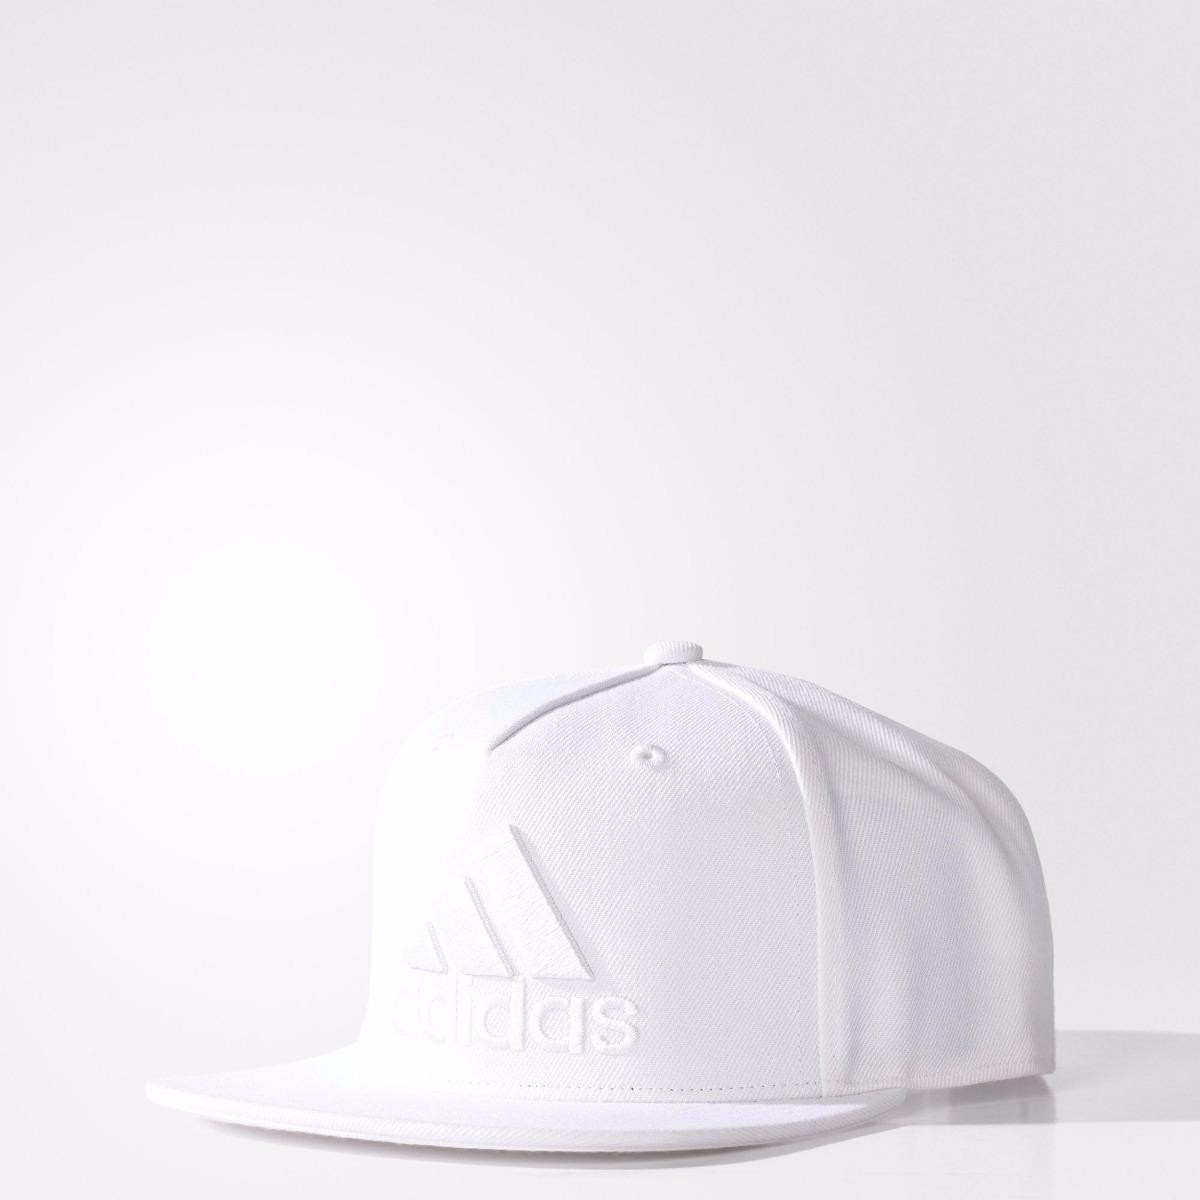 Queima De Estoque Boné adidas Flat Cap Aba Reta Original - R  39 eb7e73115ad